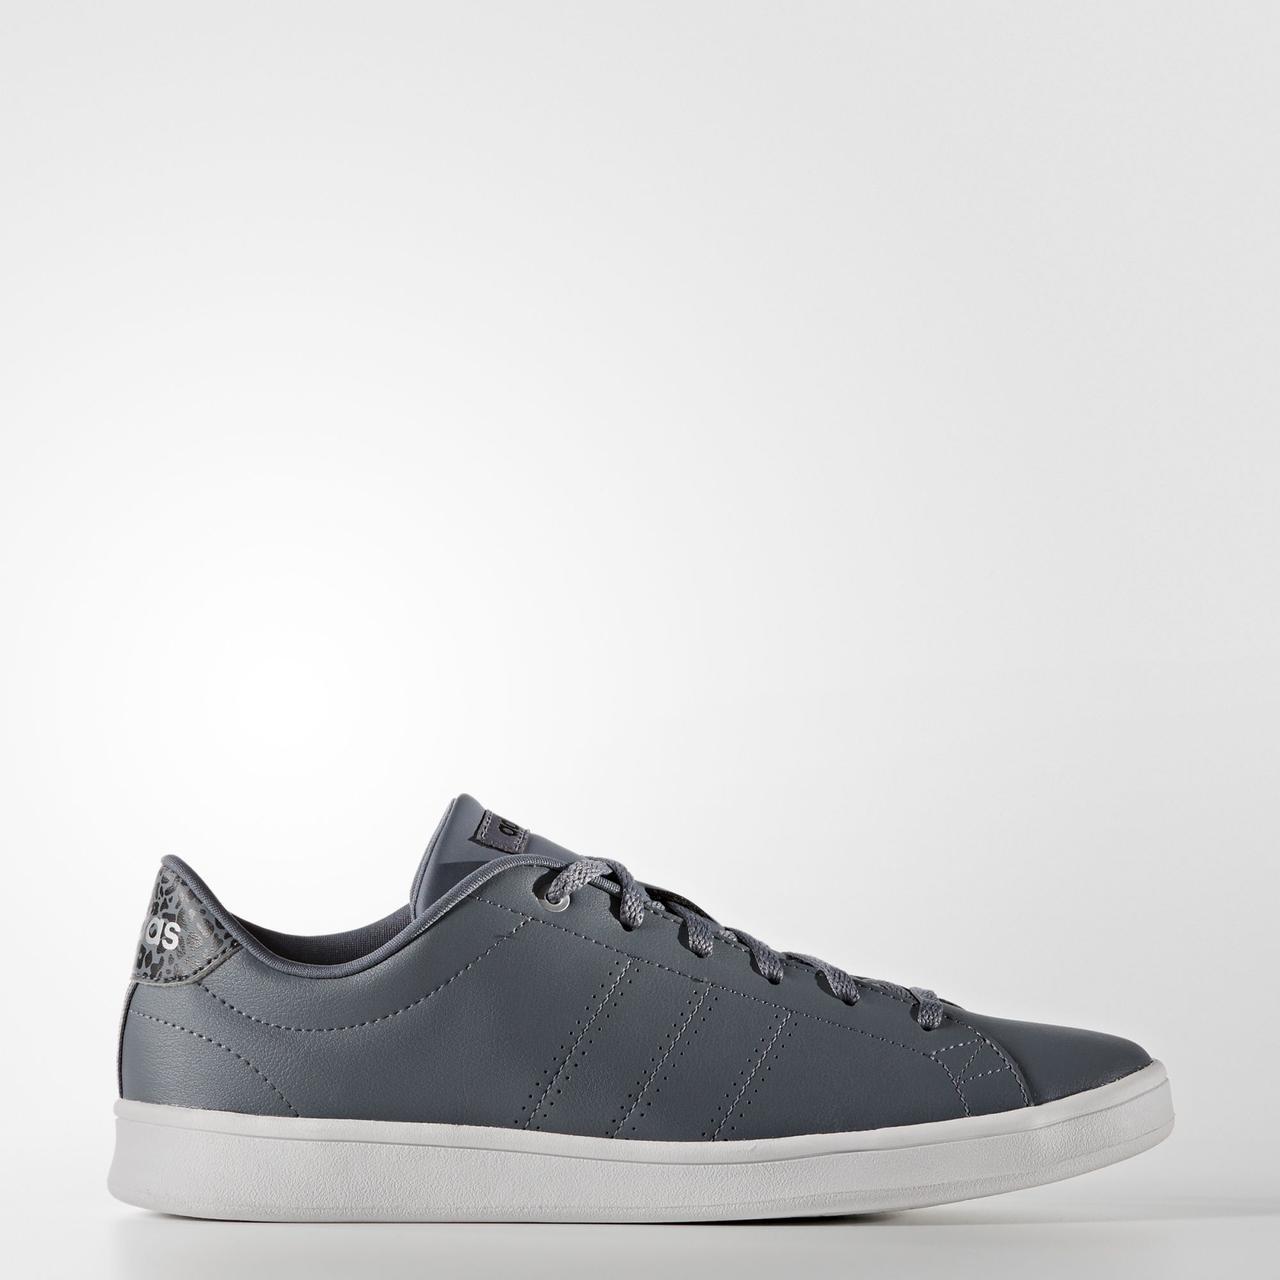 Кроссовки женские Adidas Advantage Clean QT Shoes AW3972